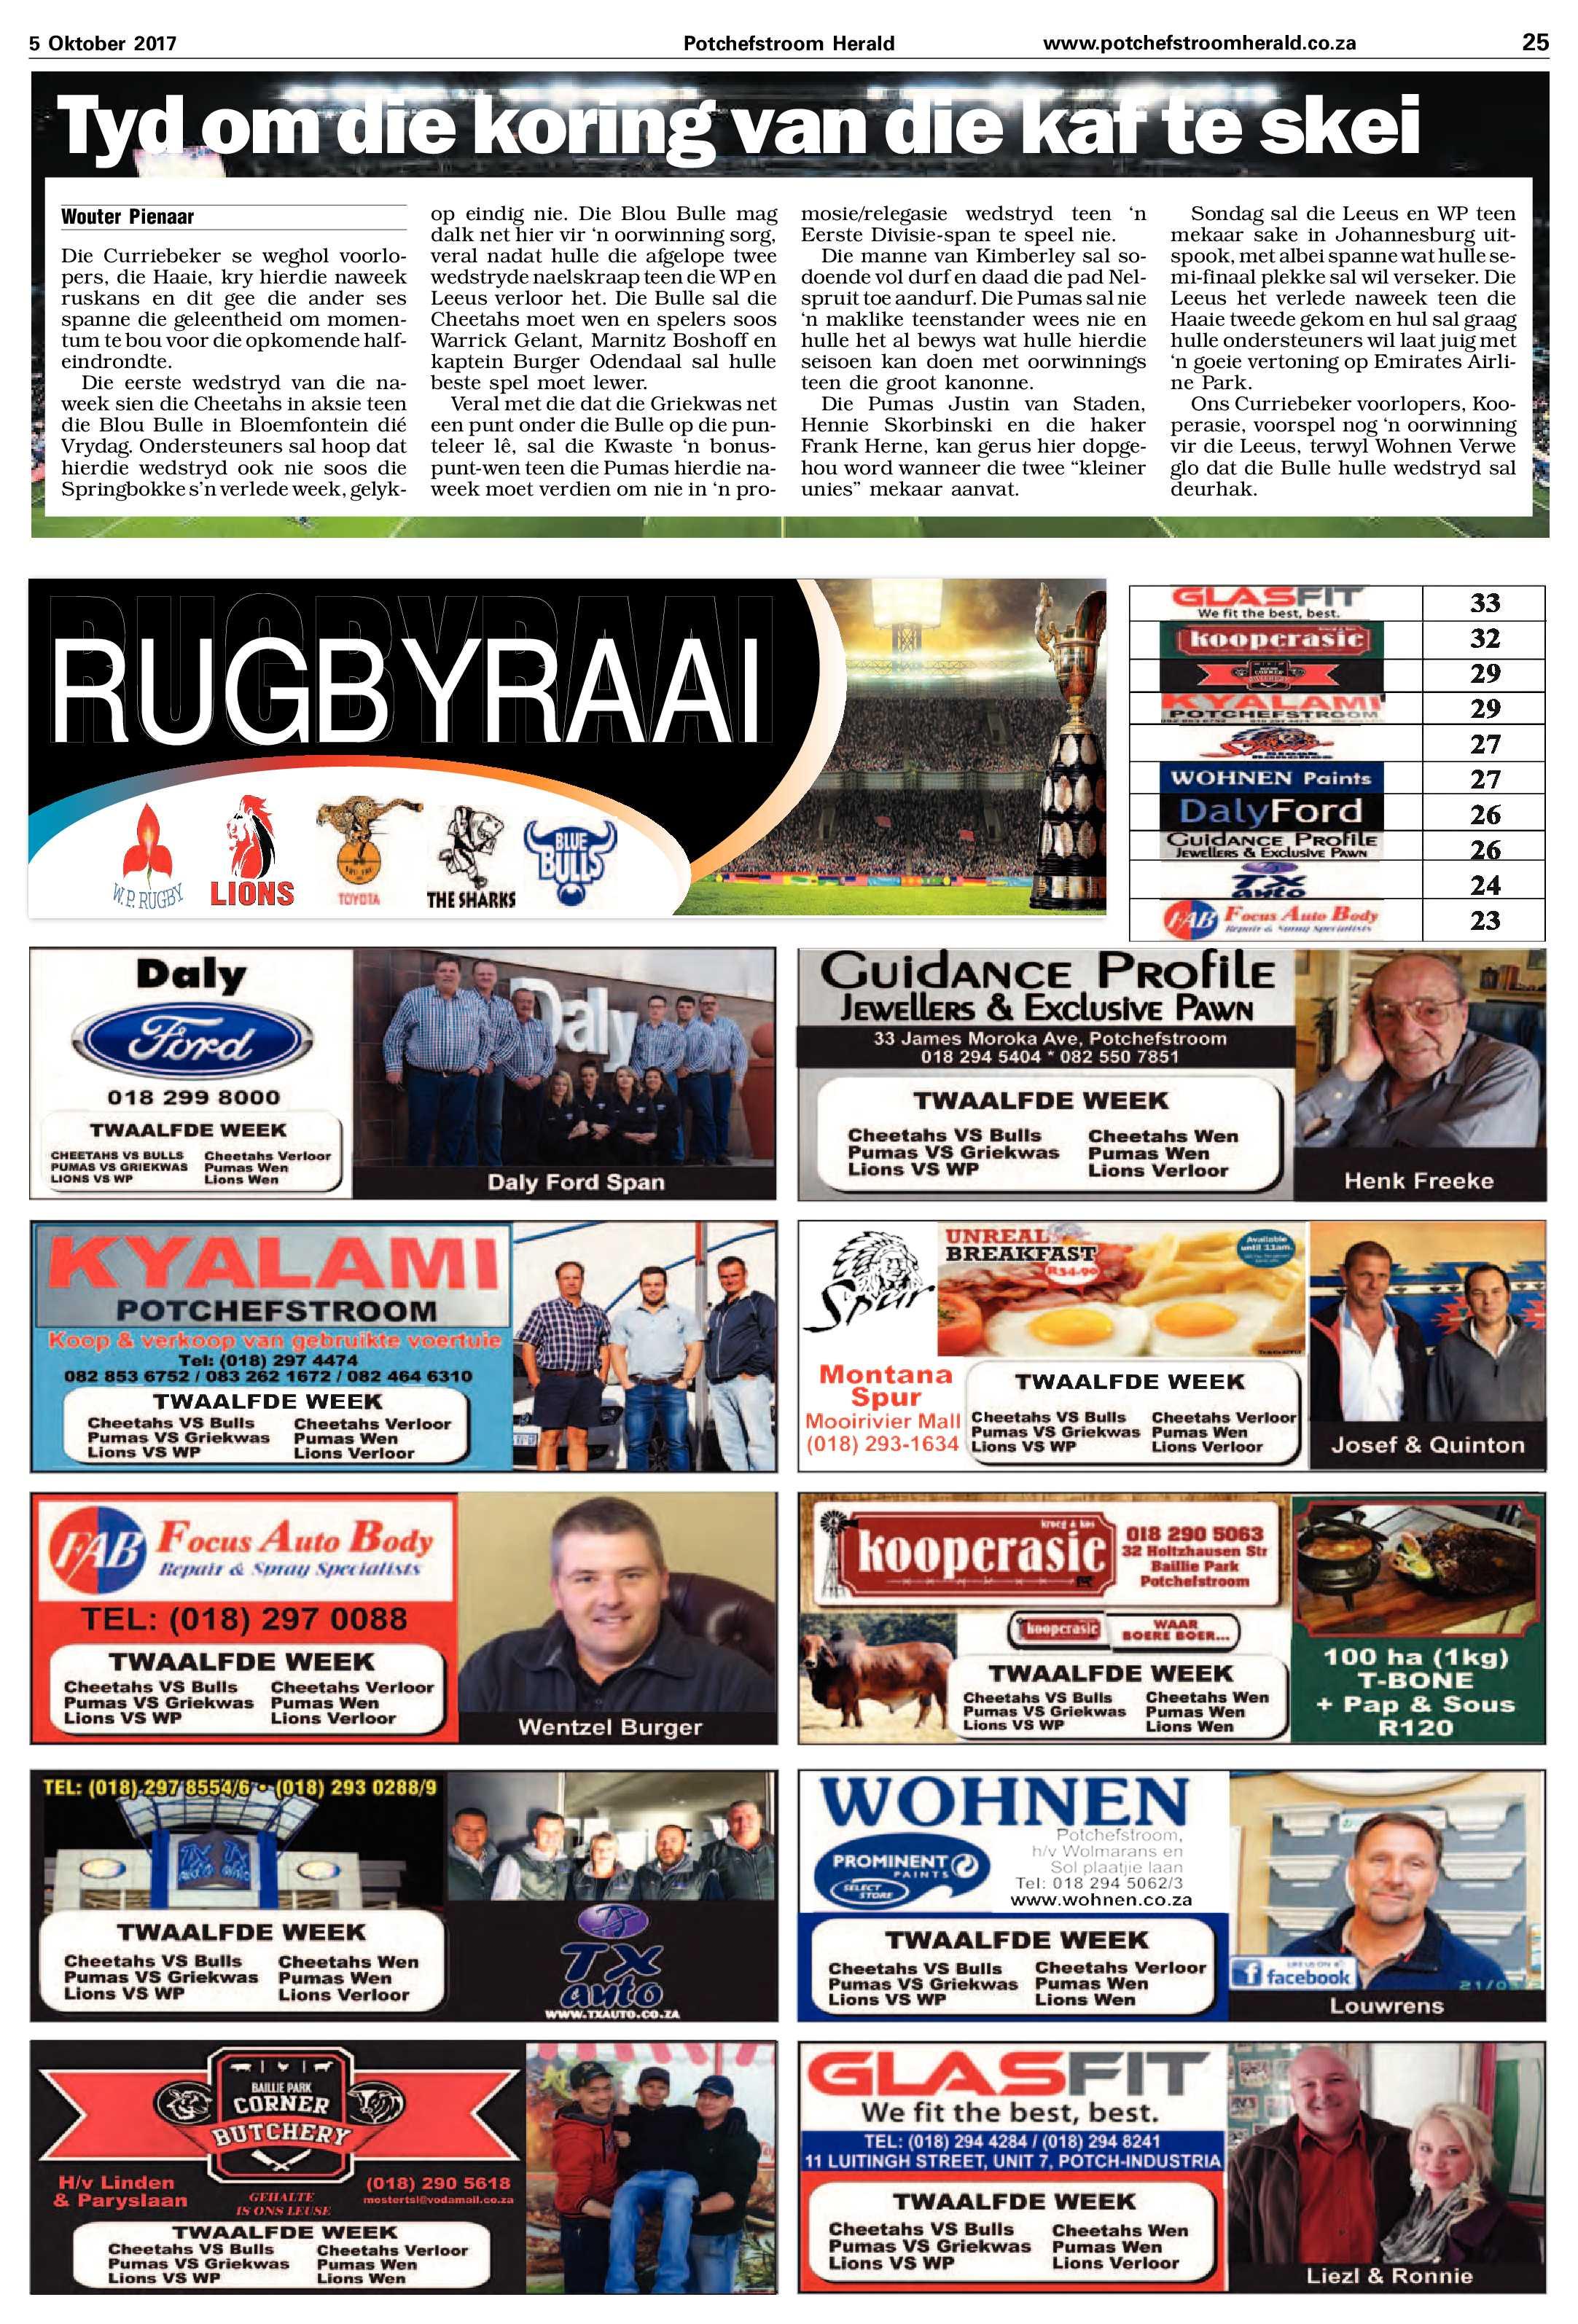 5-oktober-2017-epapers-page-25